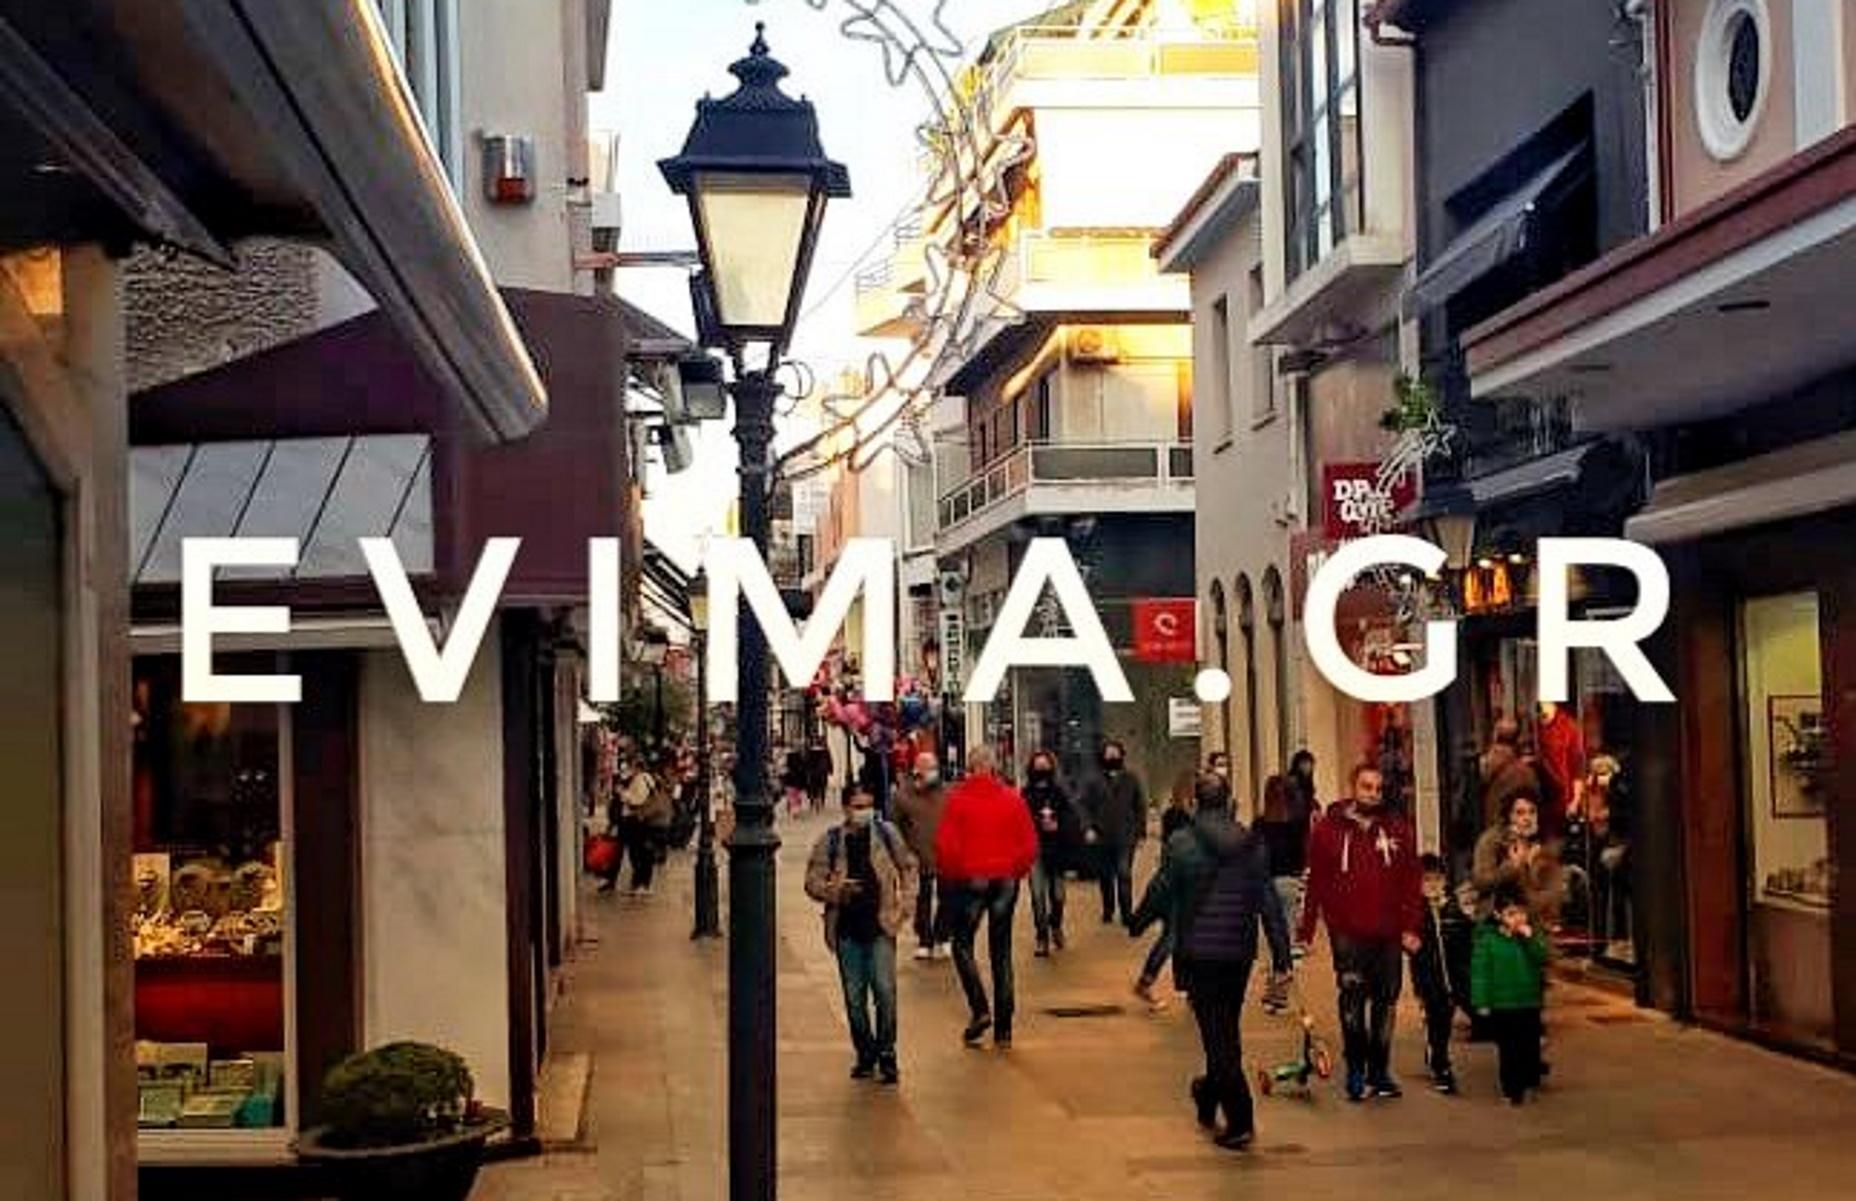 Σταμπουλίδης: Ποια καταστήματα προτείνουμε να ανοίξουν την επόμενη εβδομάδα – Τι είπε για τα κομμωτήρια